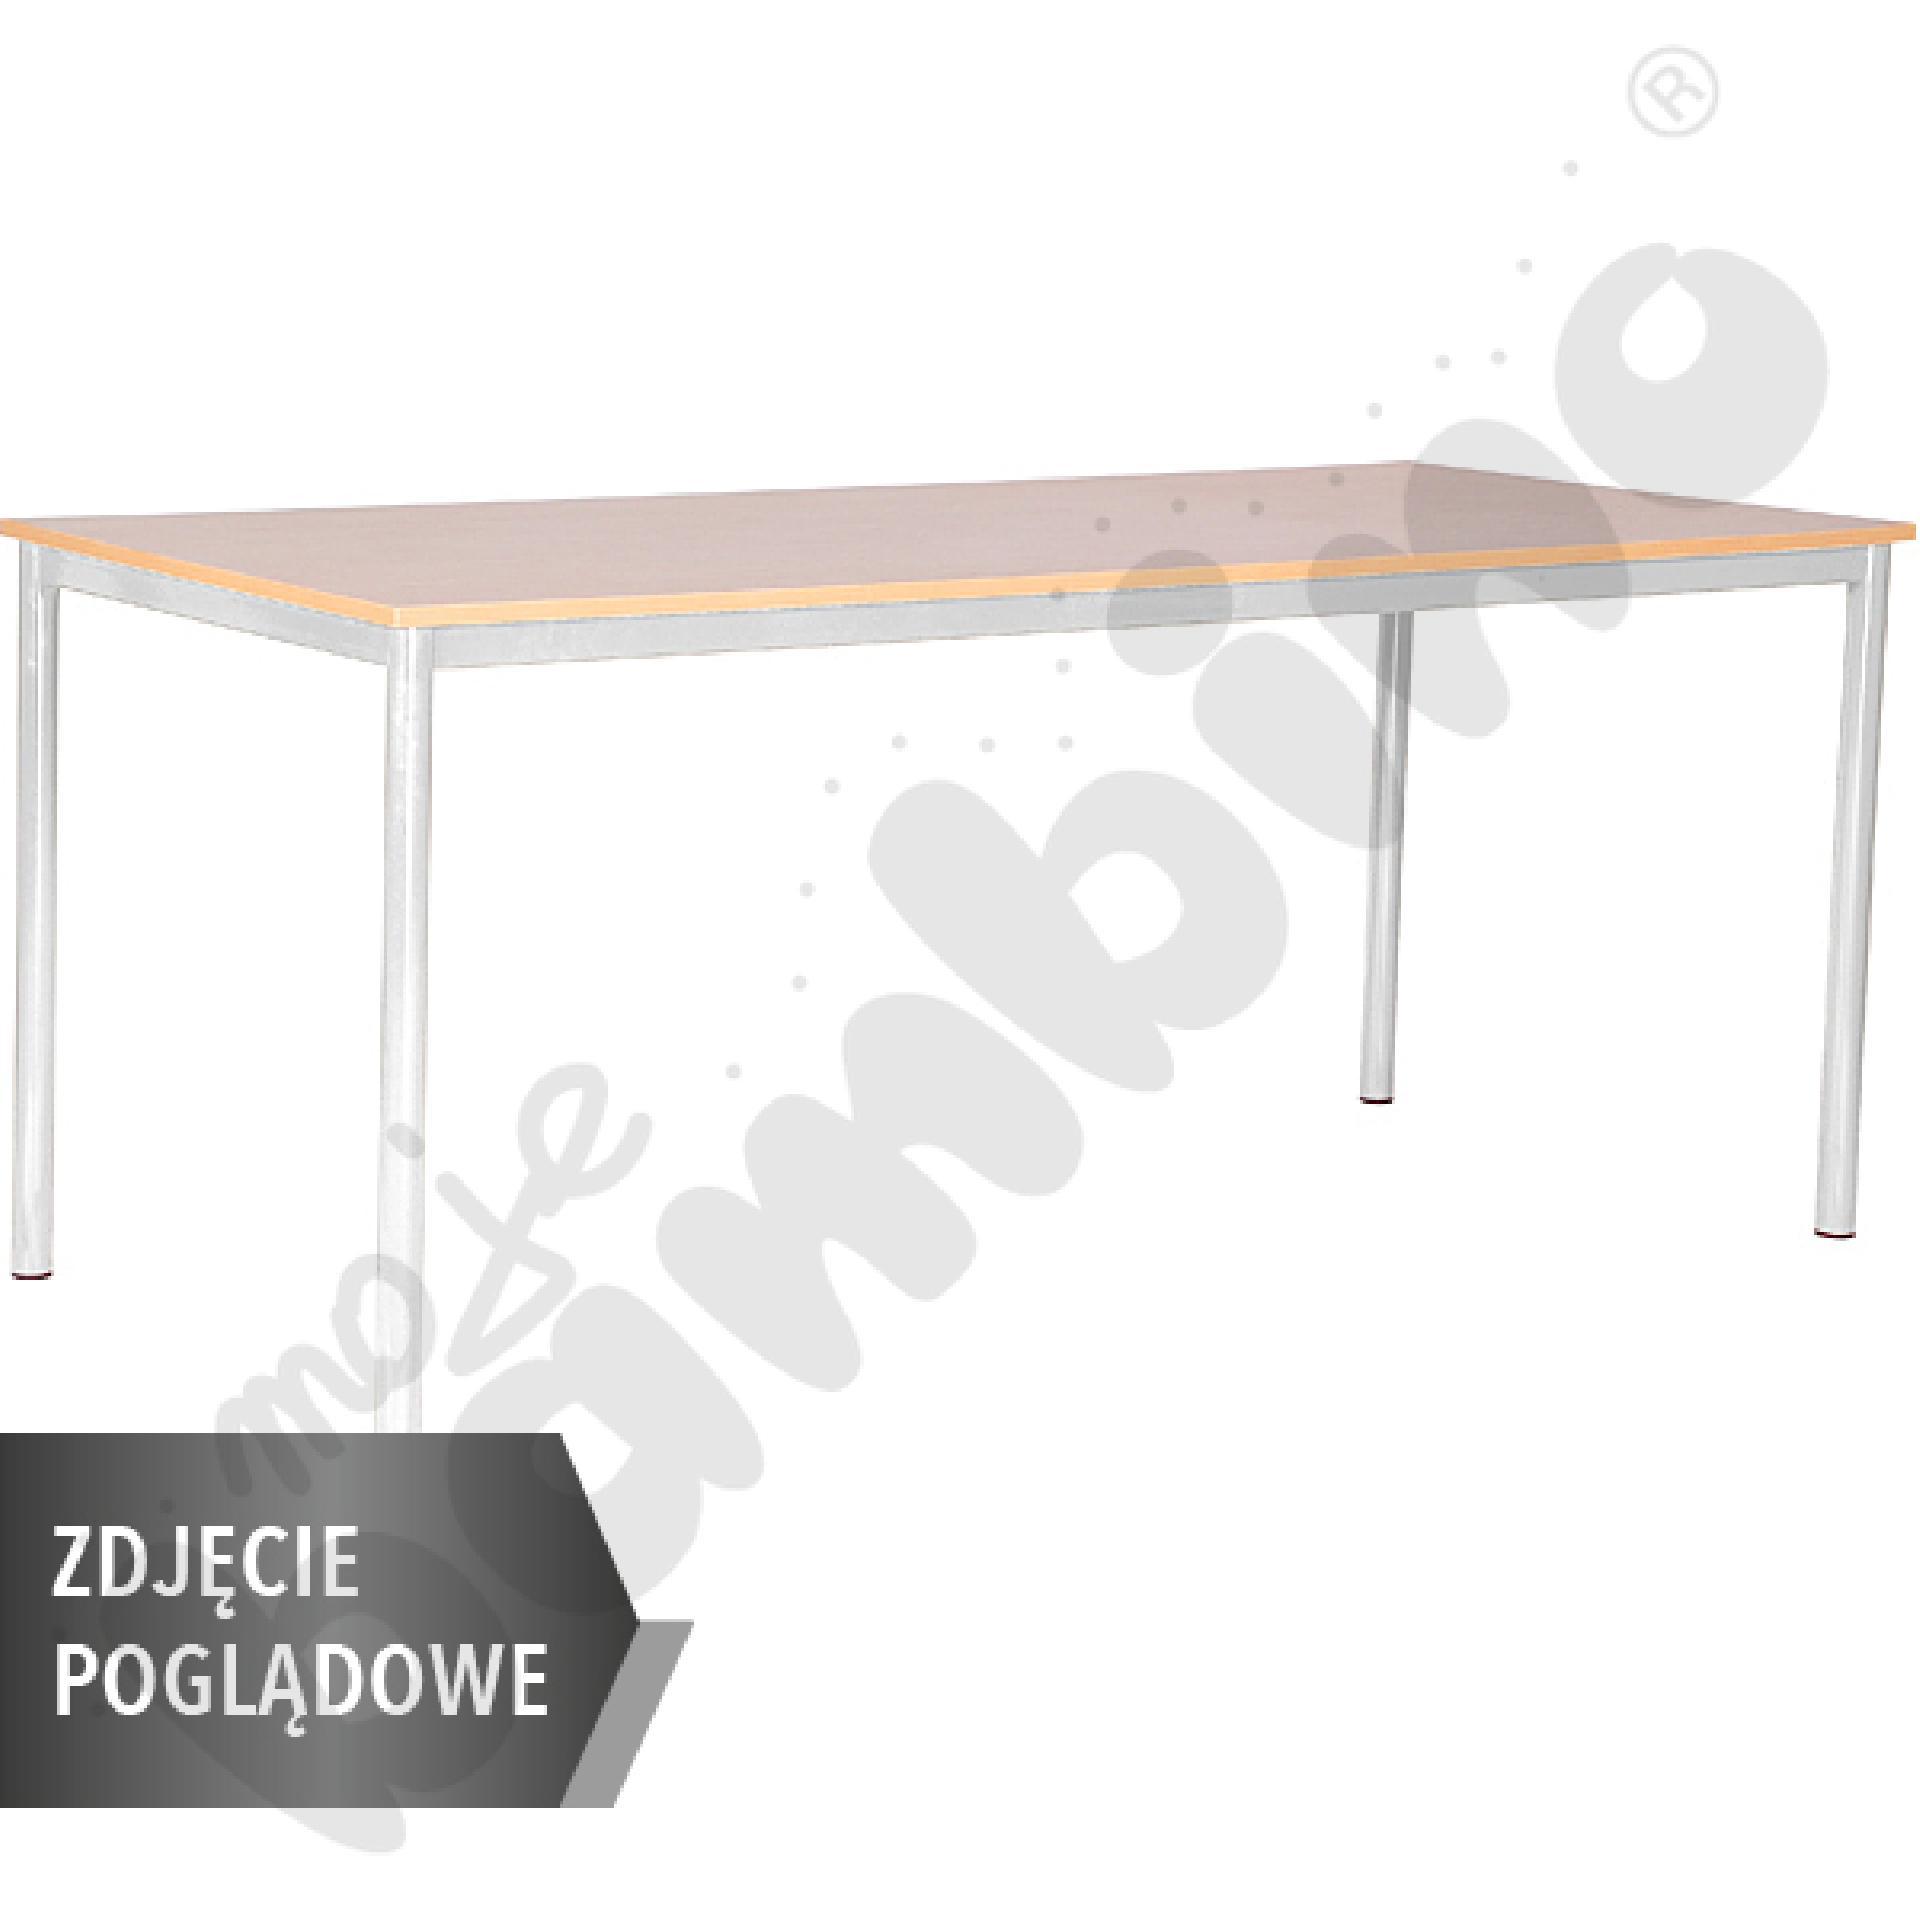 Stół Mila 180x80 rozm. 4, 8os., stelaż aluminium, blat klon, obrzeże ABS, narożniki proste